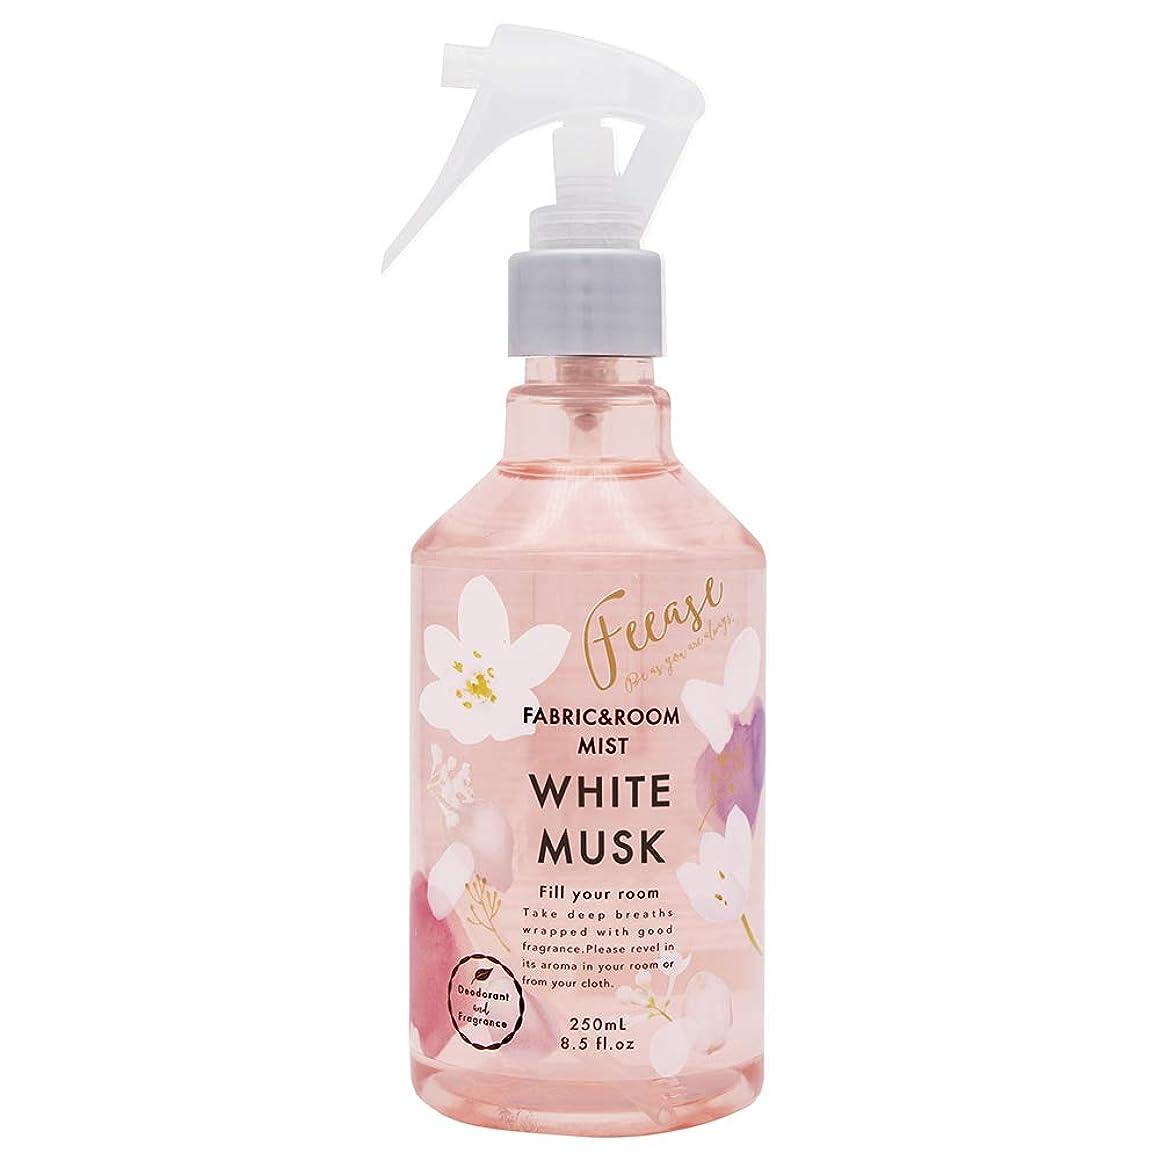 禁止するレンチカプラーノルコーポレーション ルーム&ファブリックミスト フィース 消臭成分配合 ホワイトムスクの香り 250ml OA-FEE-1-2